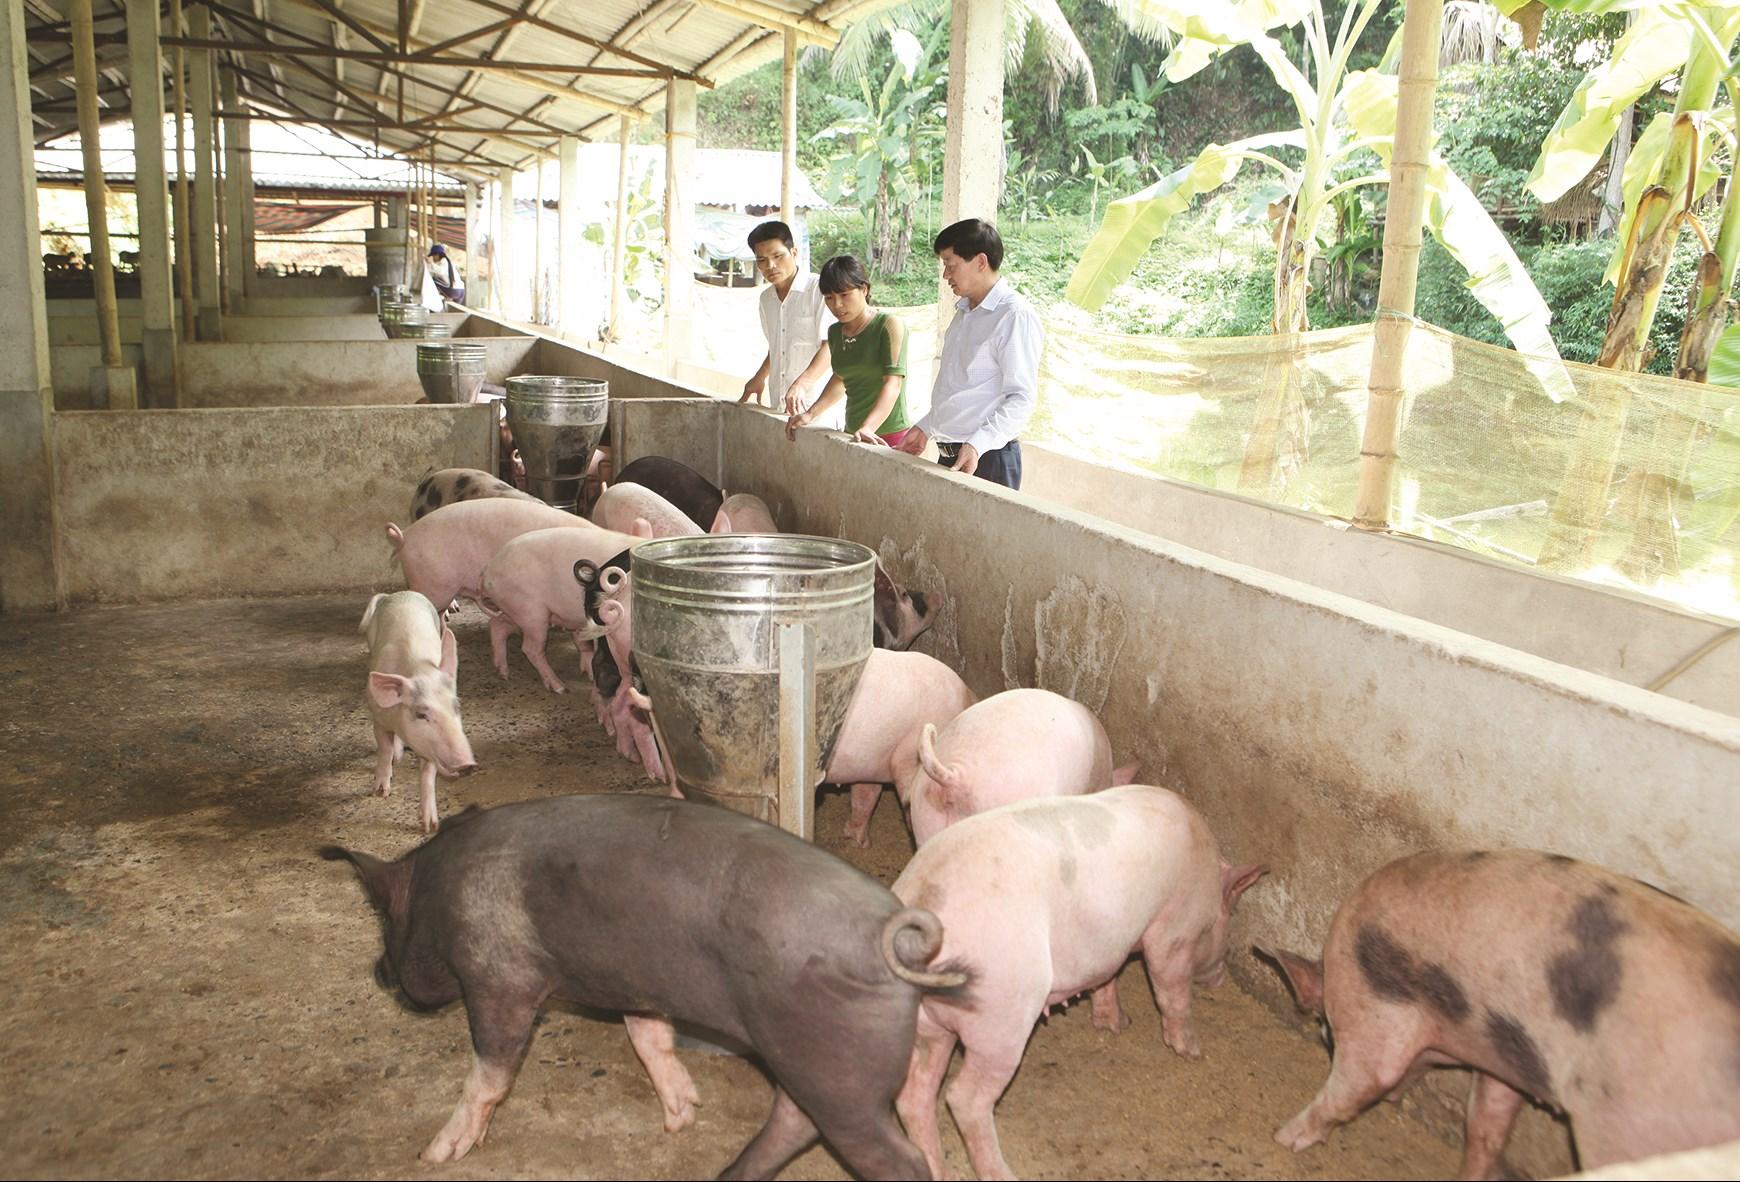 Việc tái đàn lợn, người chăn nuôi ở Thanh Hóa phải thực hiện nuôi cách ly ít nhất 15 ngày trước khi nhập đàn.